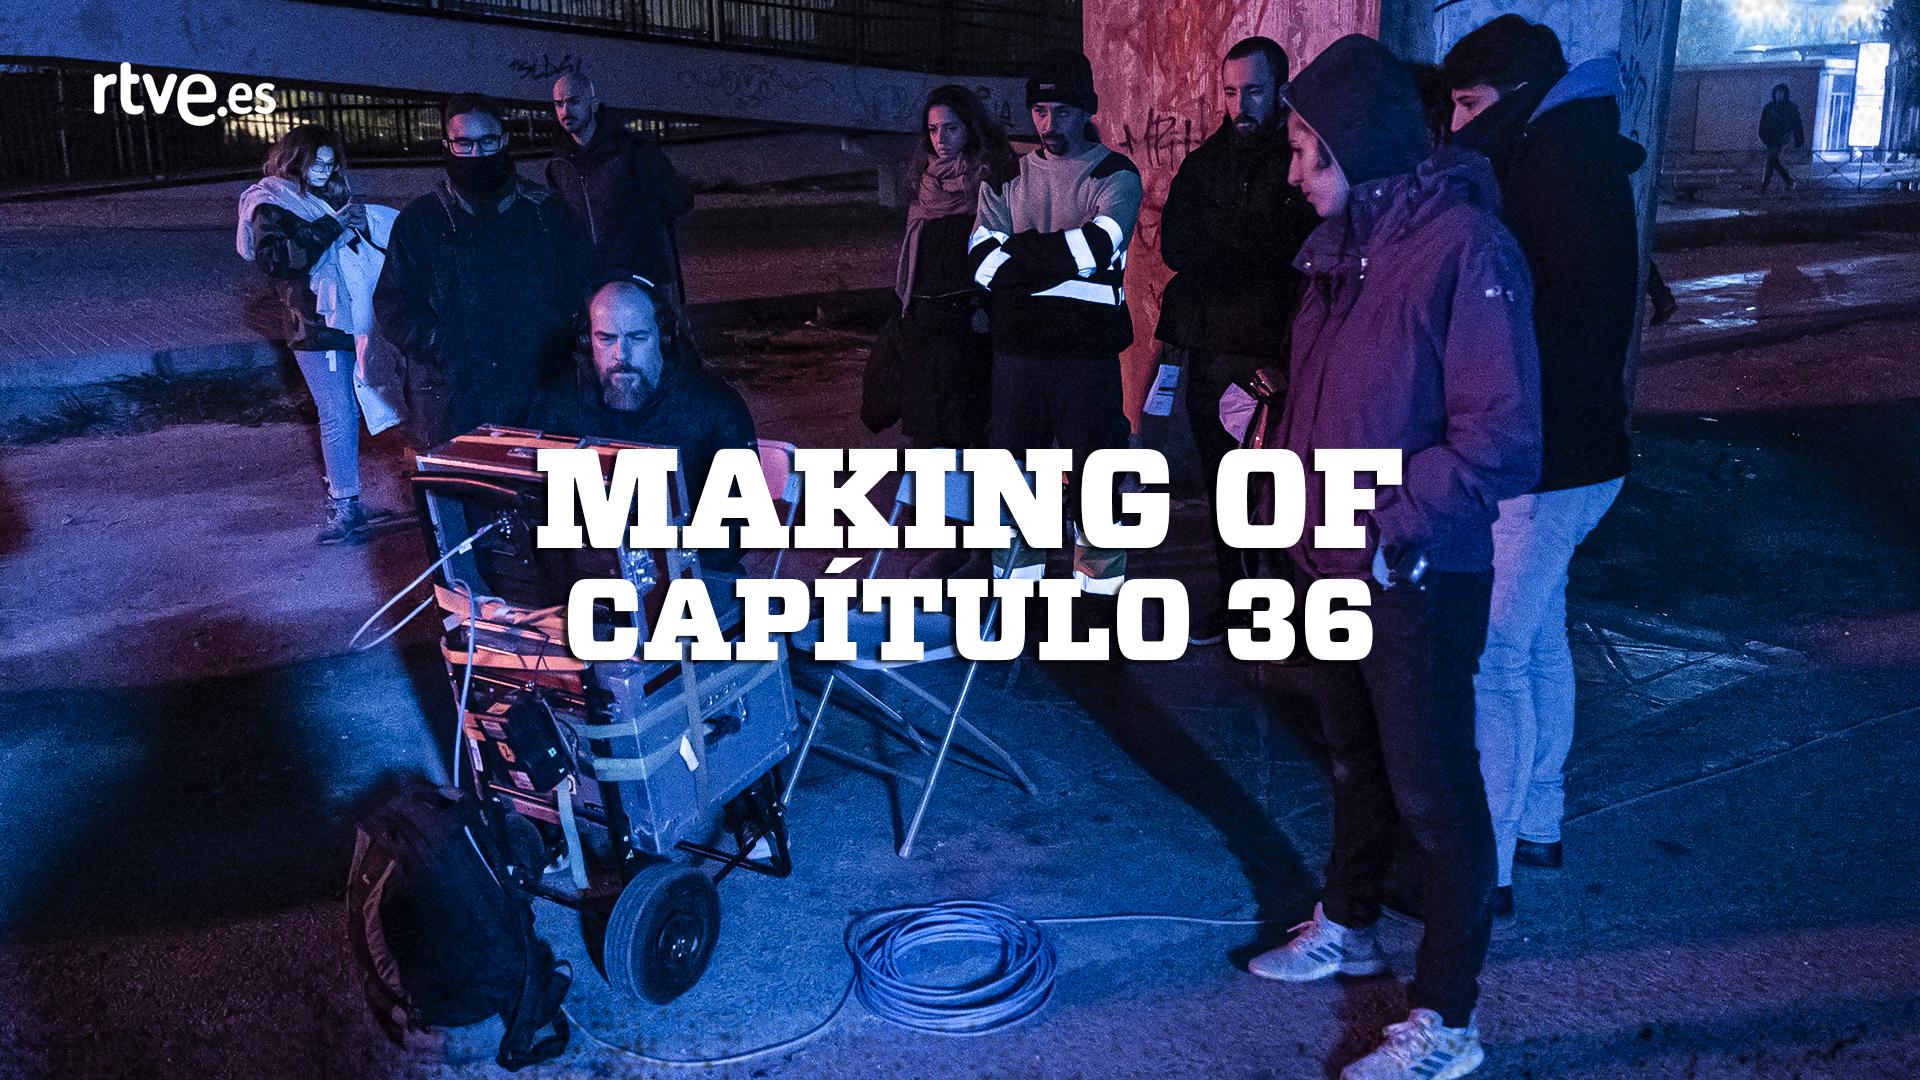 Making of - Así se rodó el capítulo 36